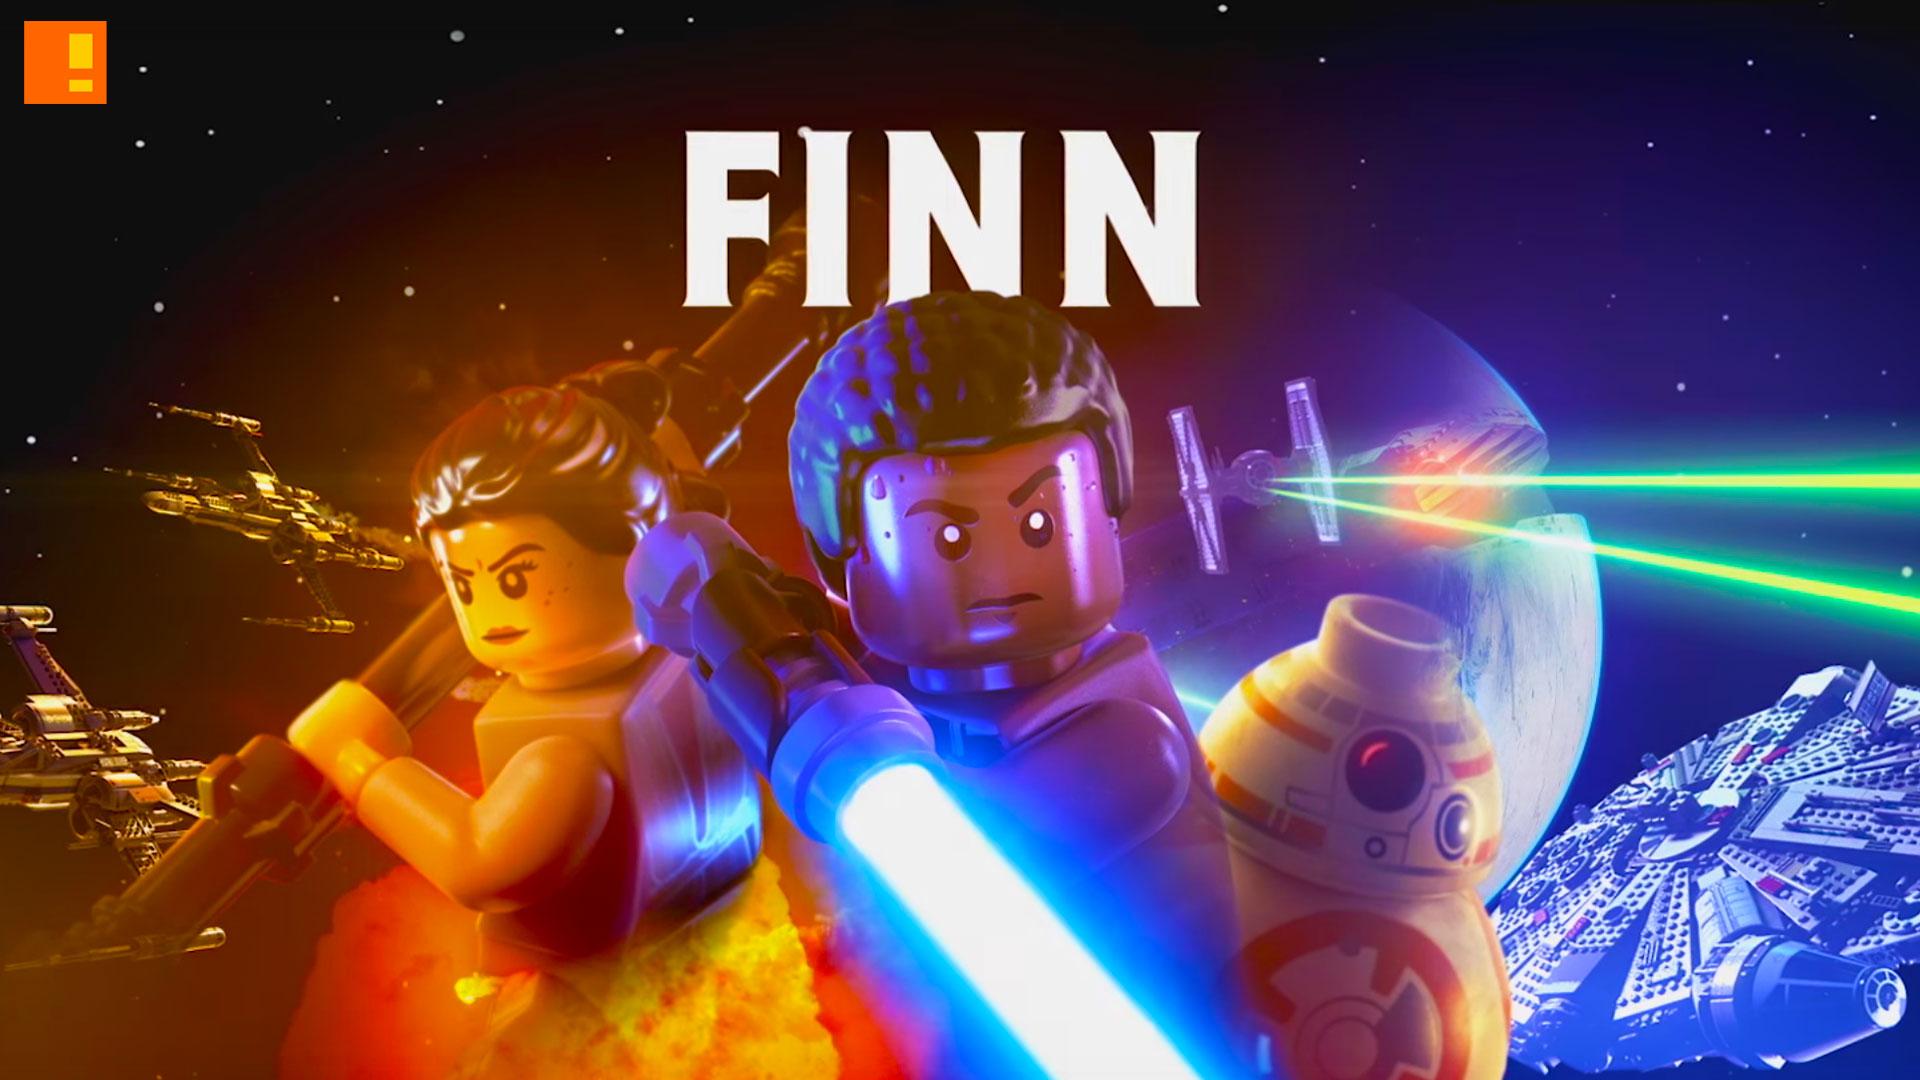 Lego Star Wars The Force Awakens Finn Character Vingette